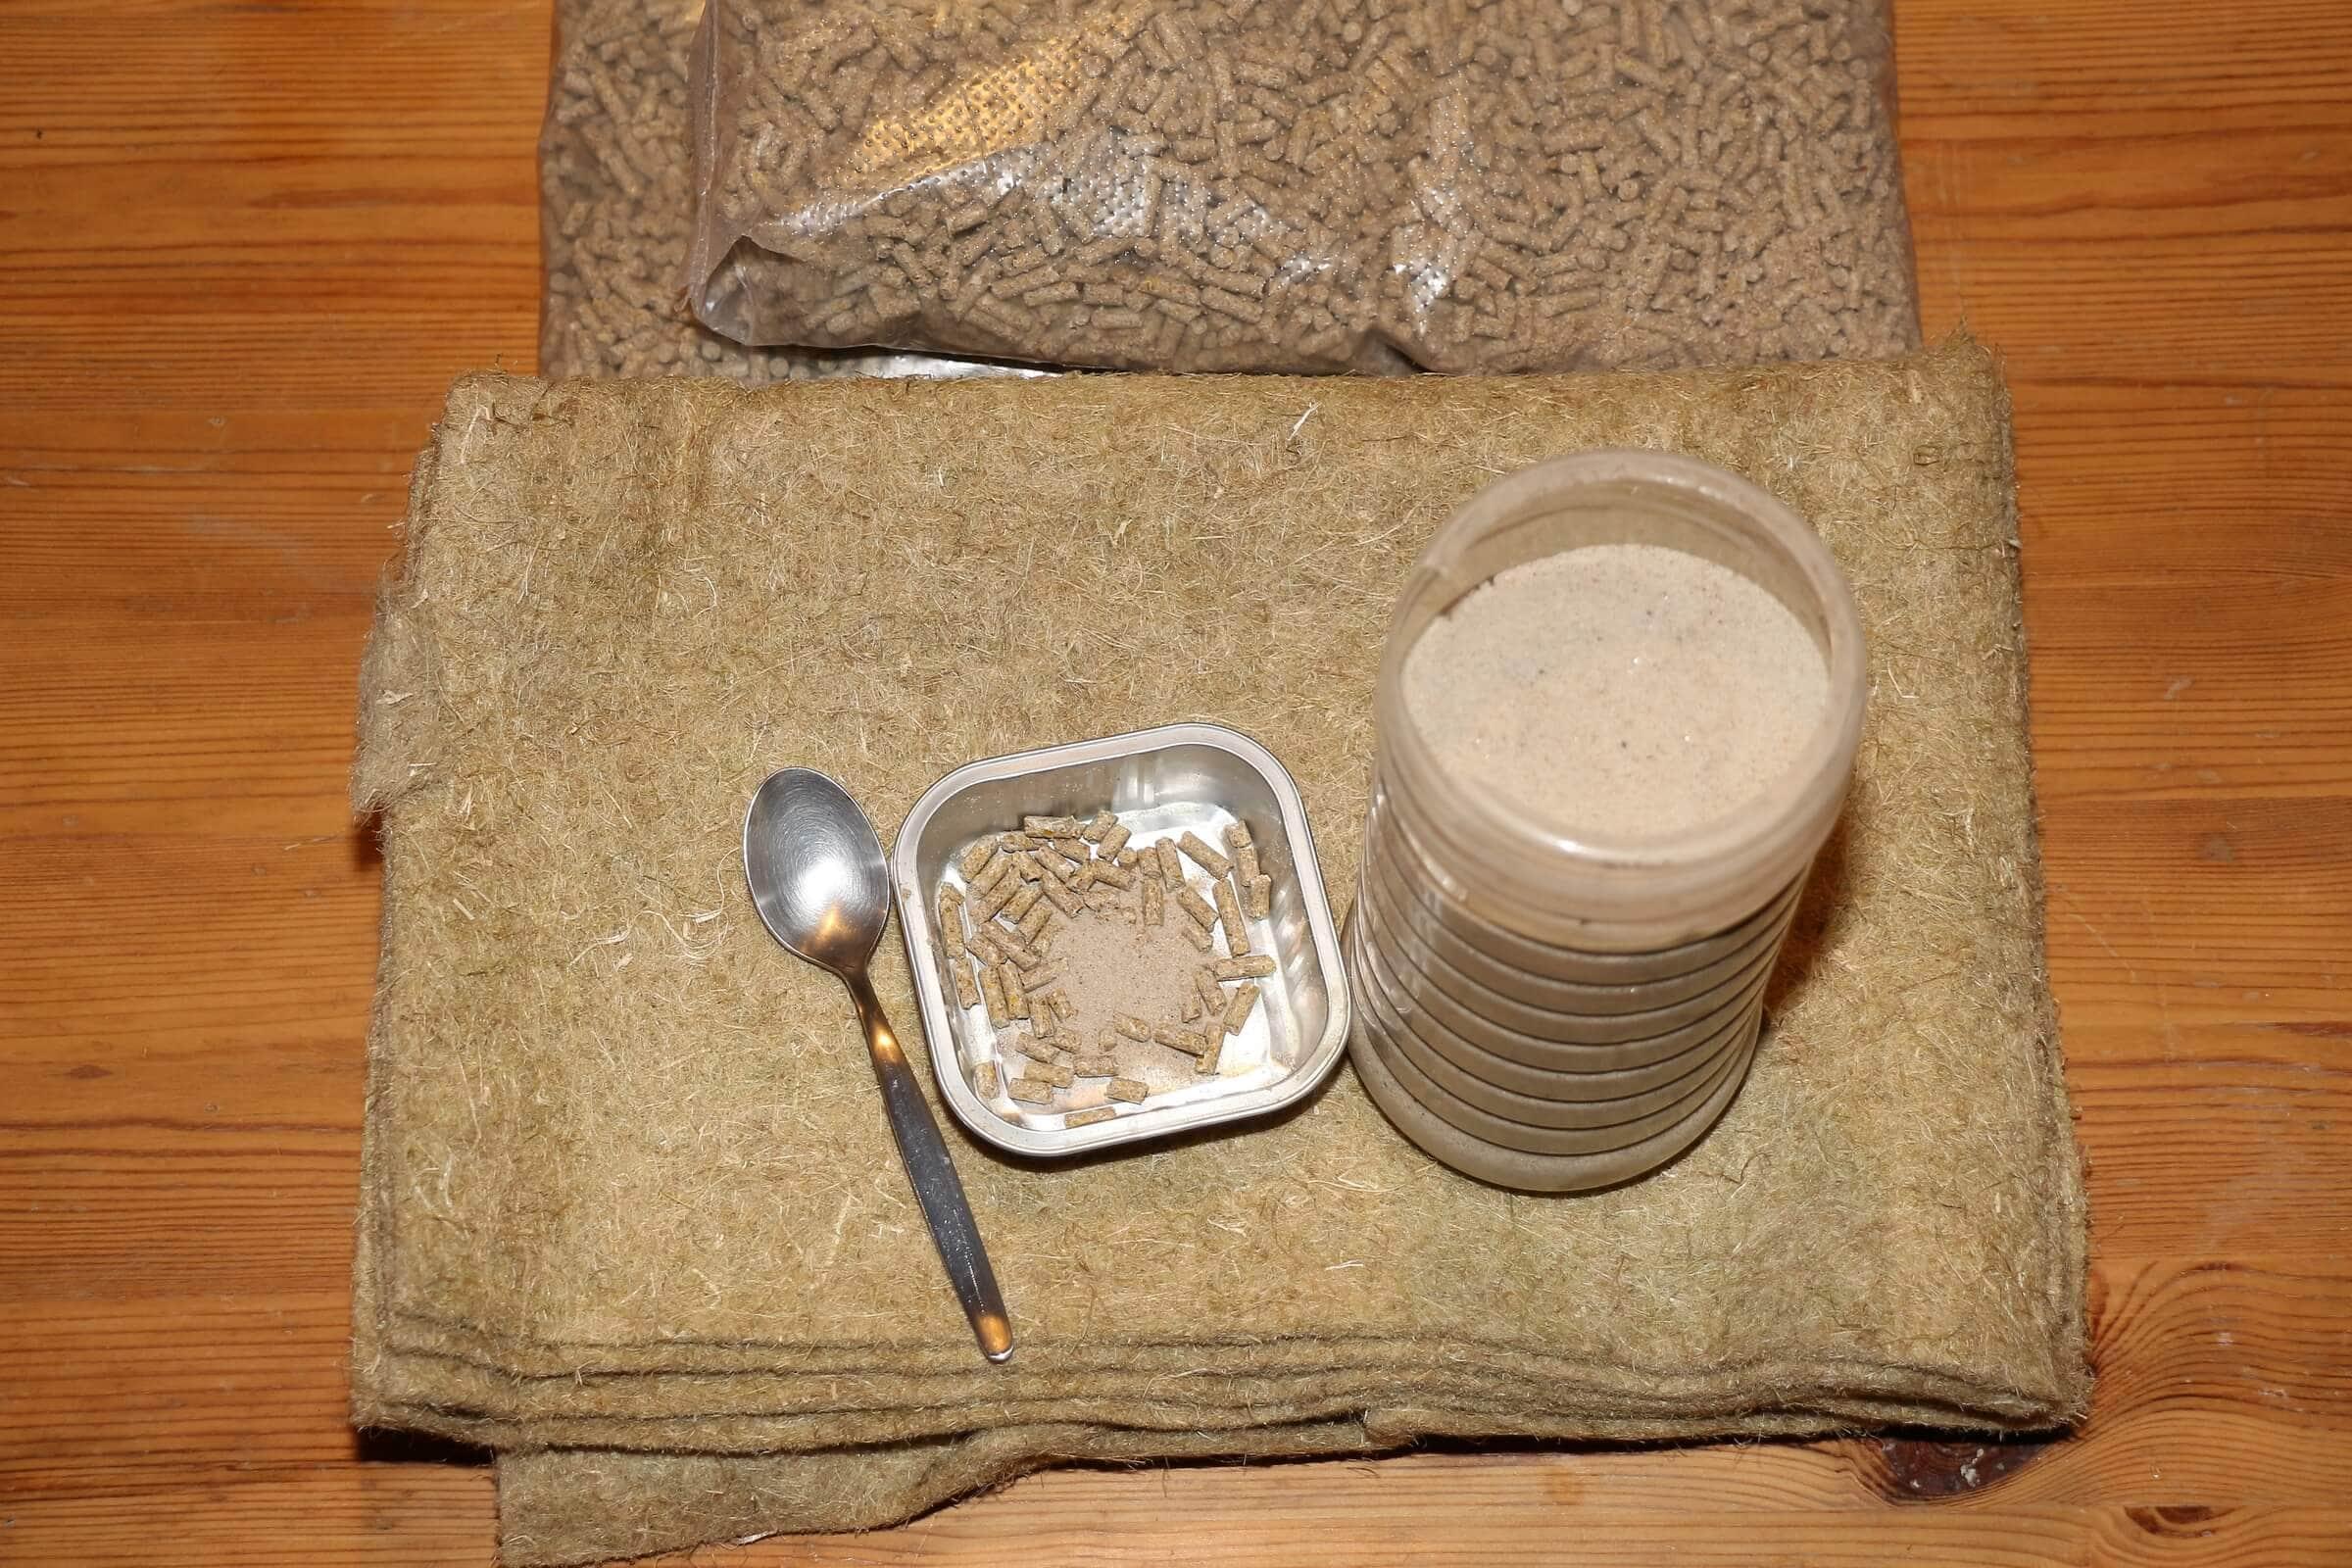 Wurm-Mineralmix und etwas Feinkies, hier Maurersand